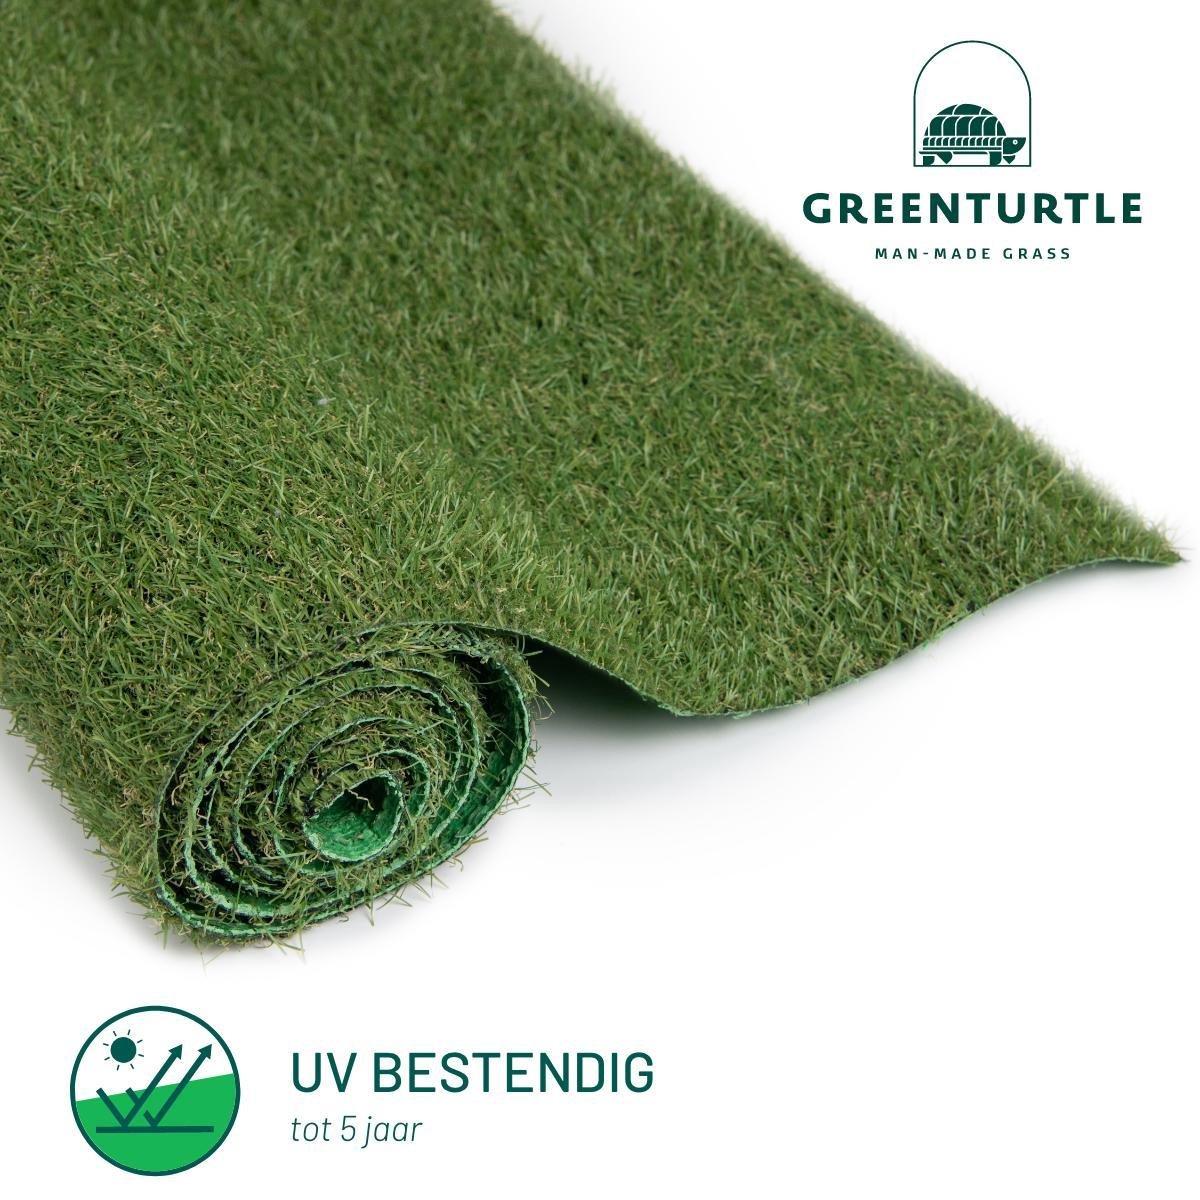 Green Turtle Kunstgras - Grastapijt 133x300cm - 21mm - Wimbledon - Artificieel Gras - Grastapijt voo